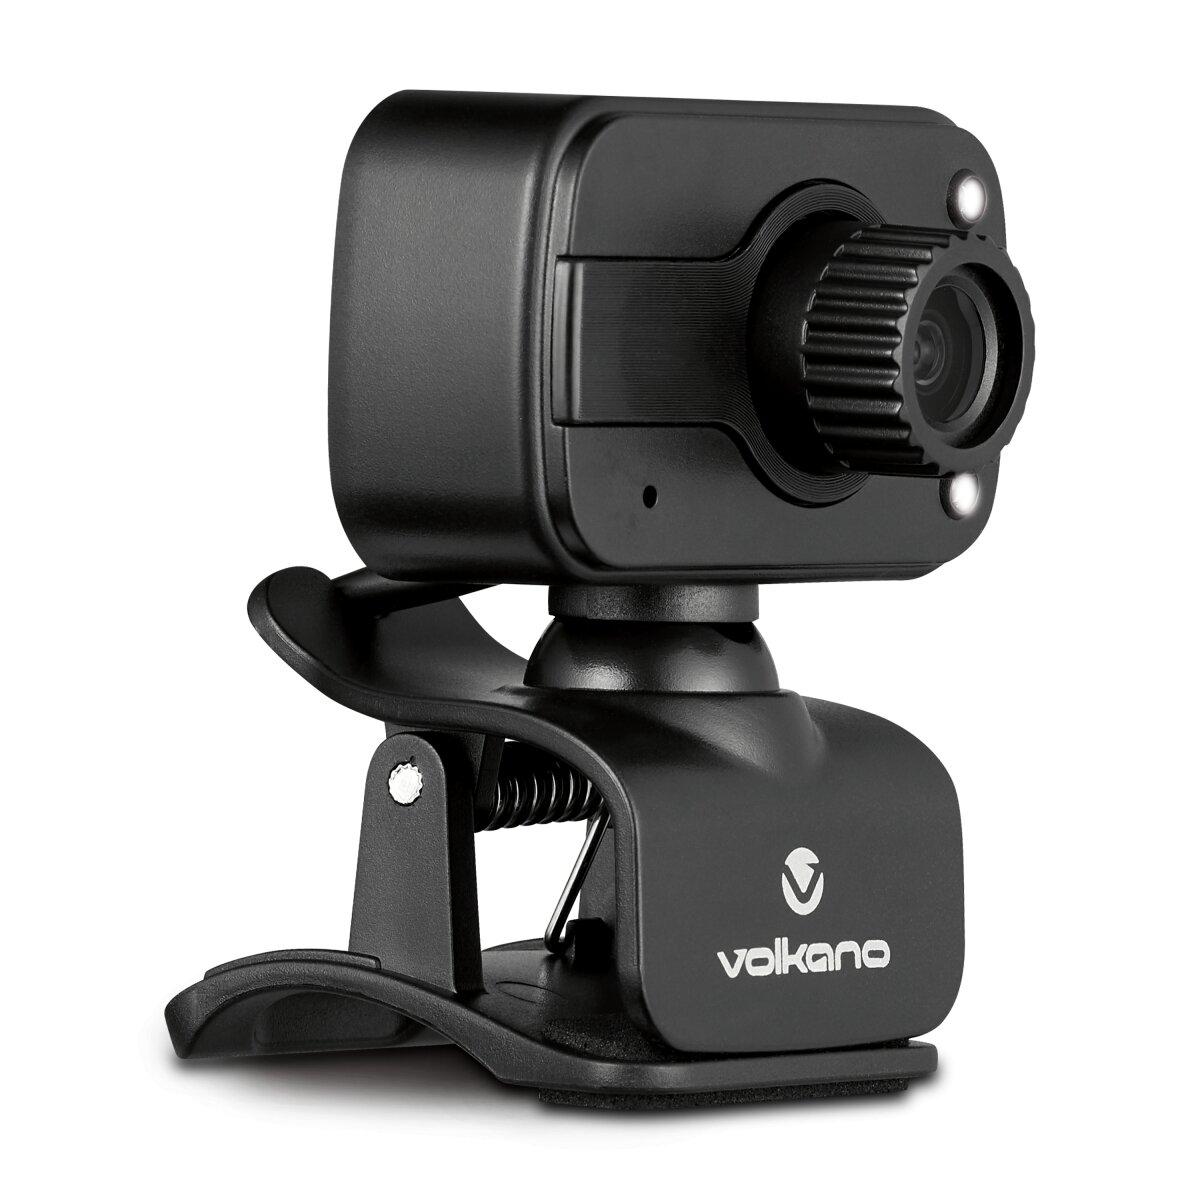 Volkano Zoom 700 Webcam